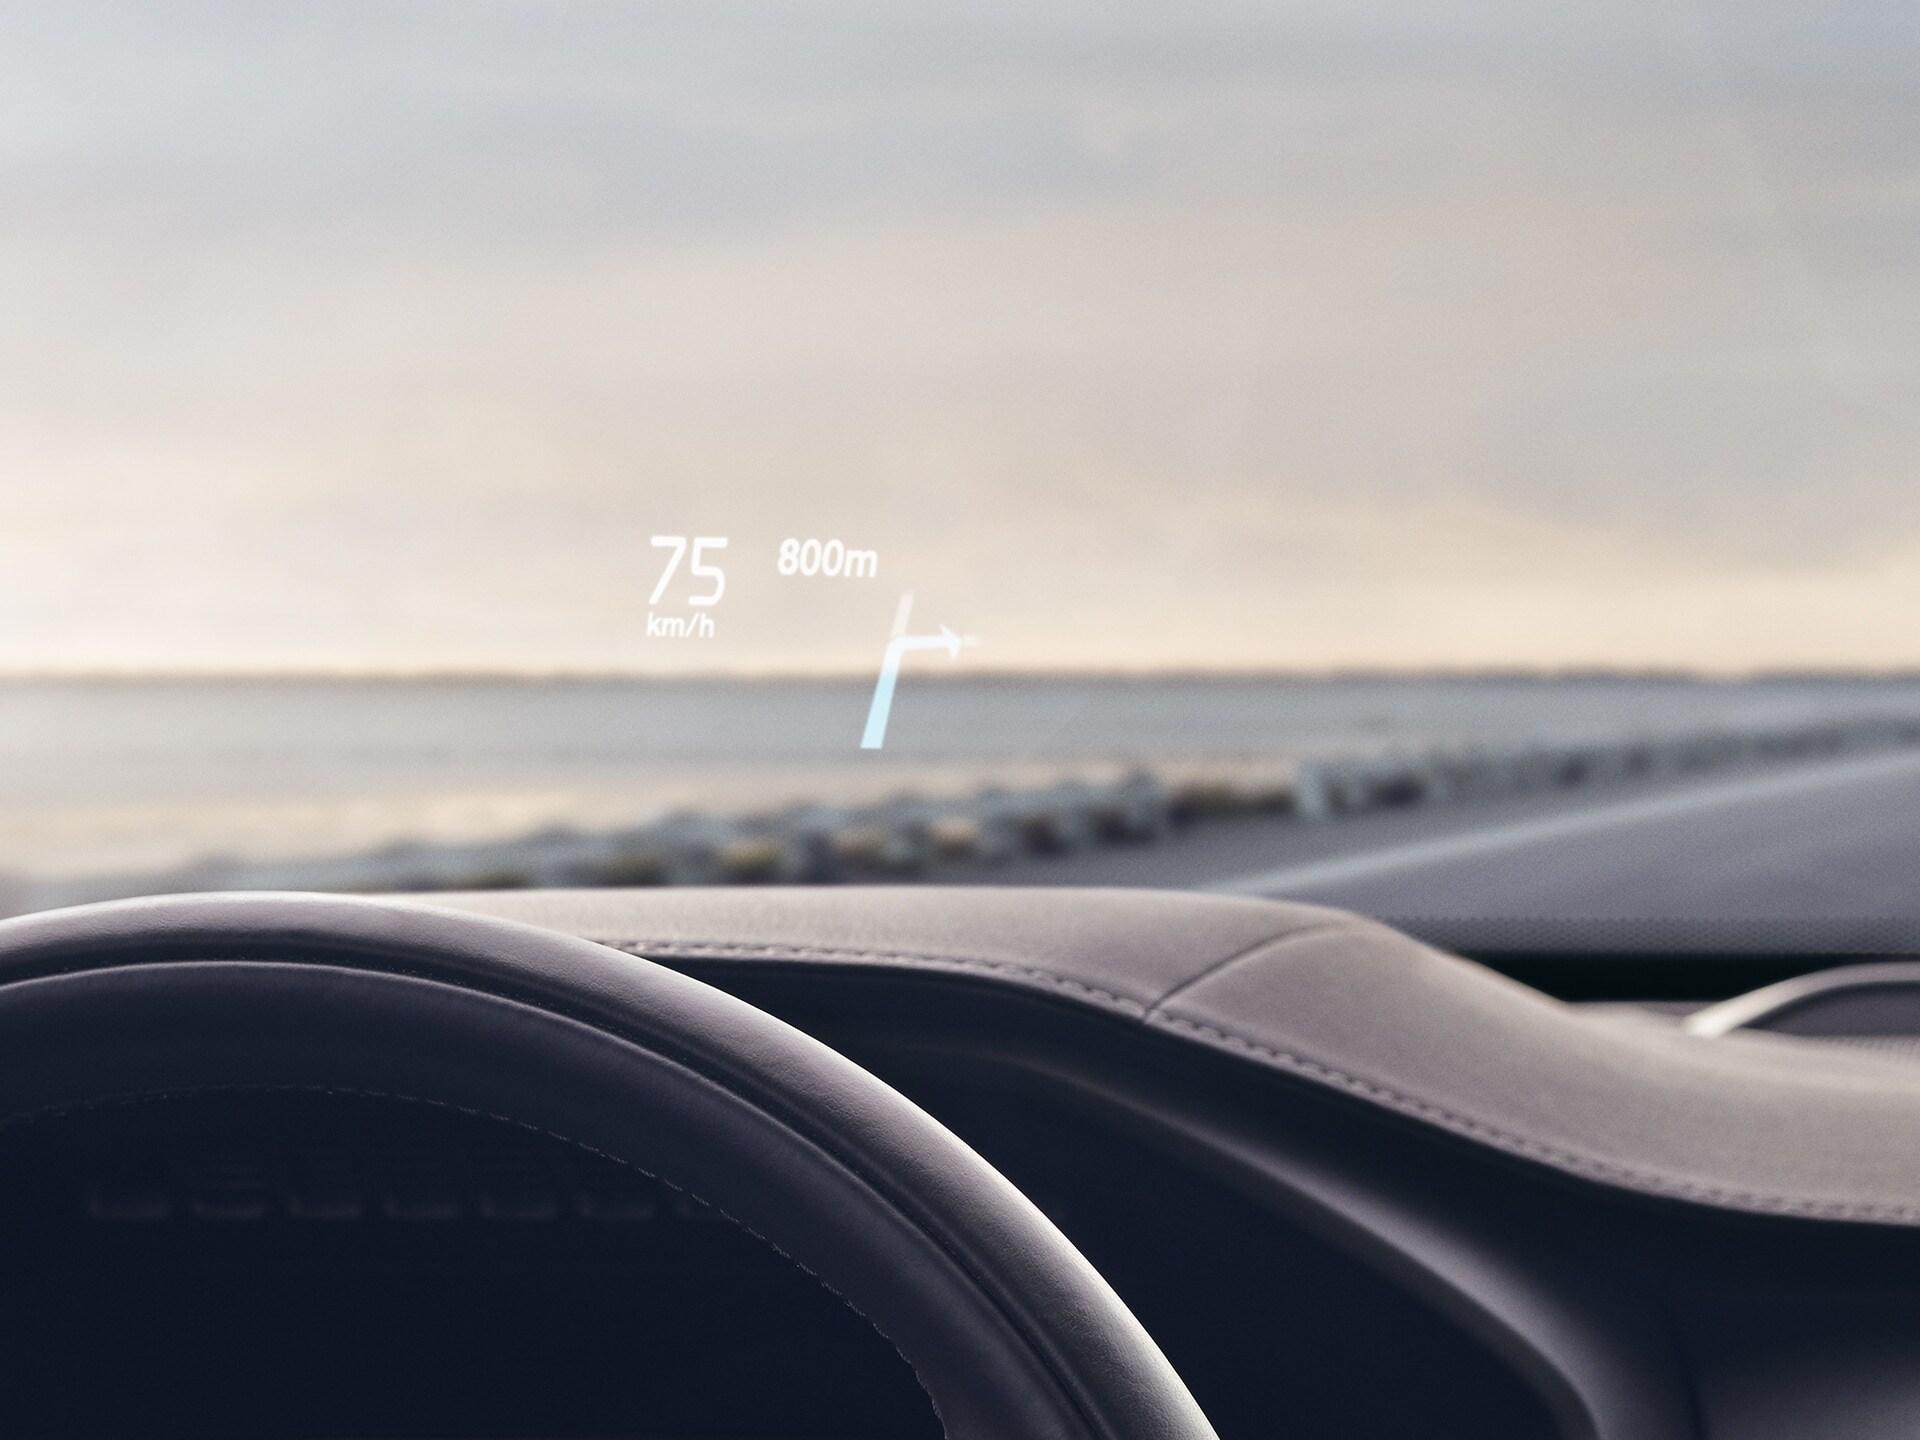 Intérieur d'une Volvo, vitesse de conduite affichée sur le pare-brise